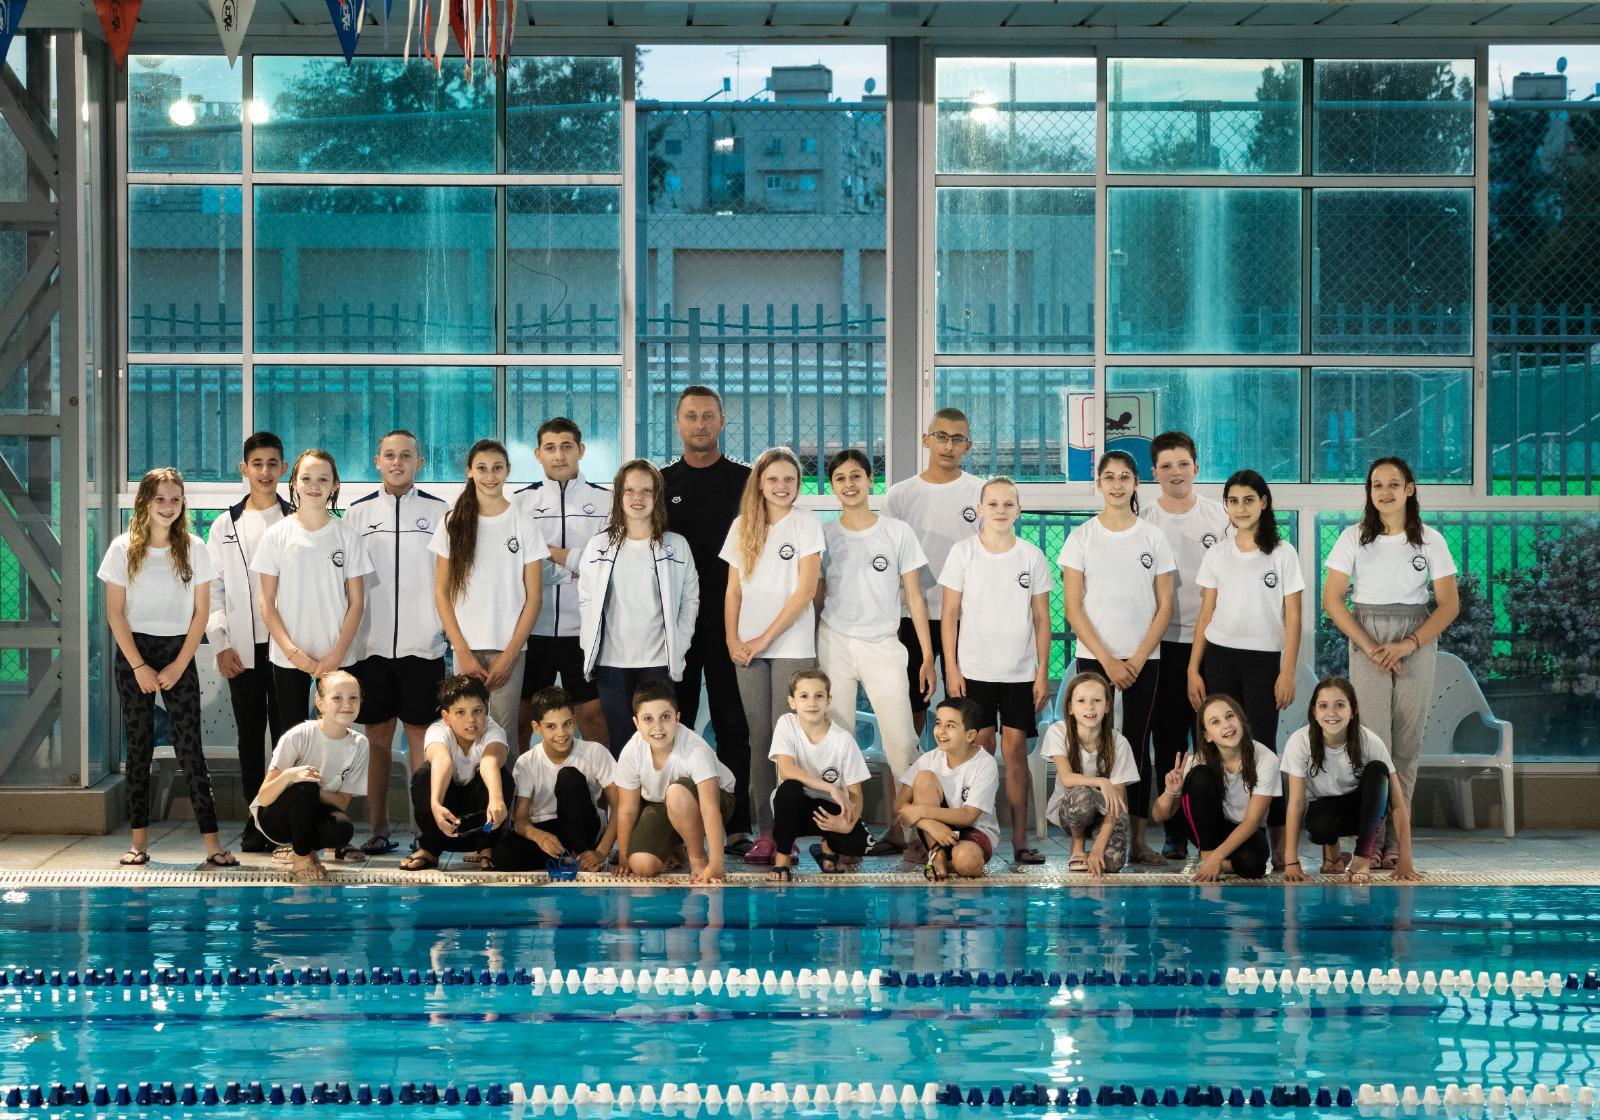 מ.ס רמלה קבוצת שחייה תחרותית קבוצה של אלופים